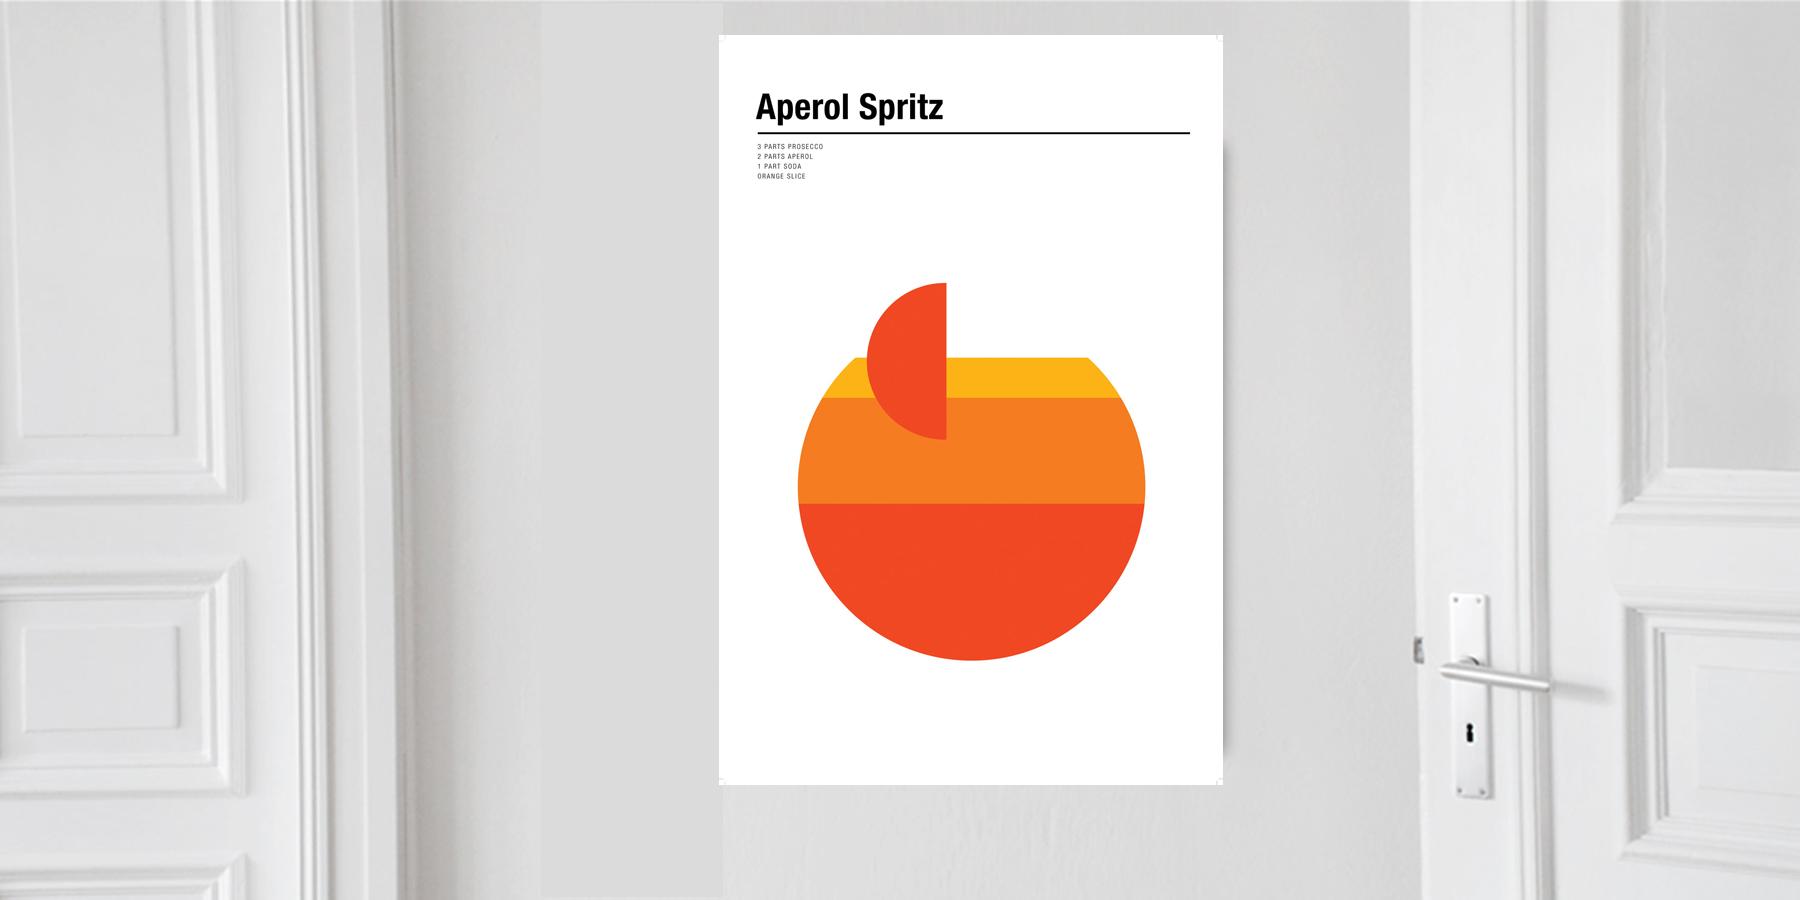 designersgroup - Nick Barclay